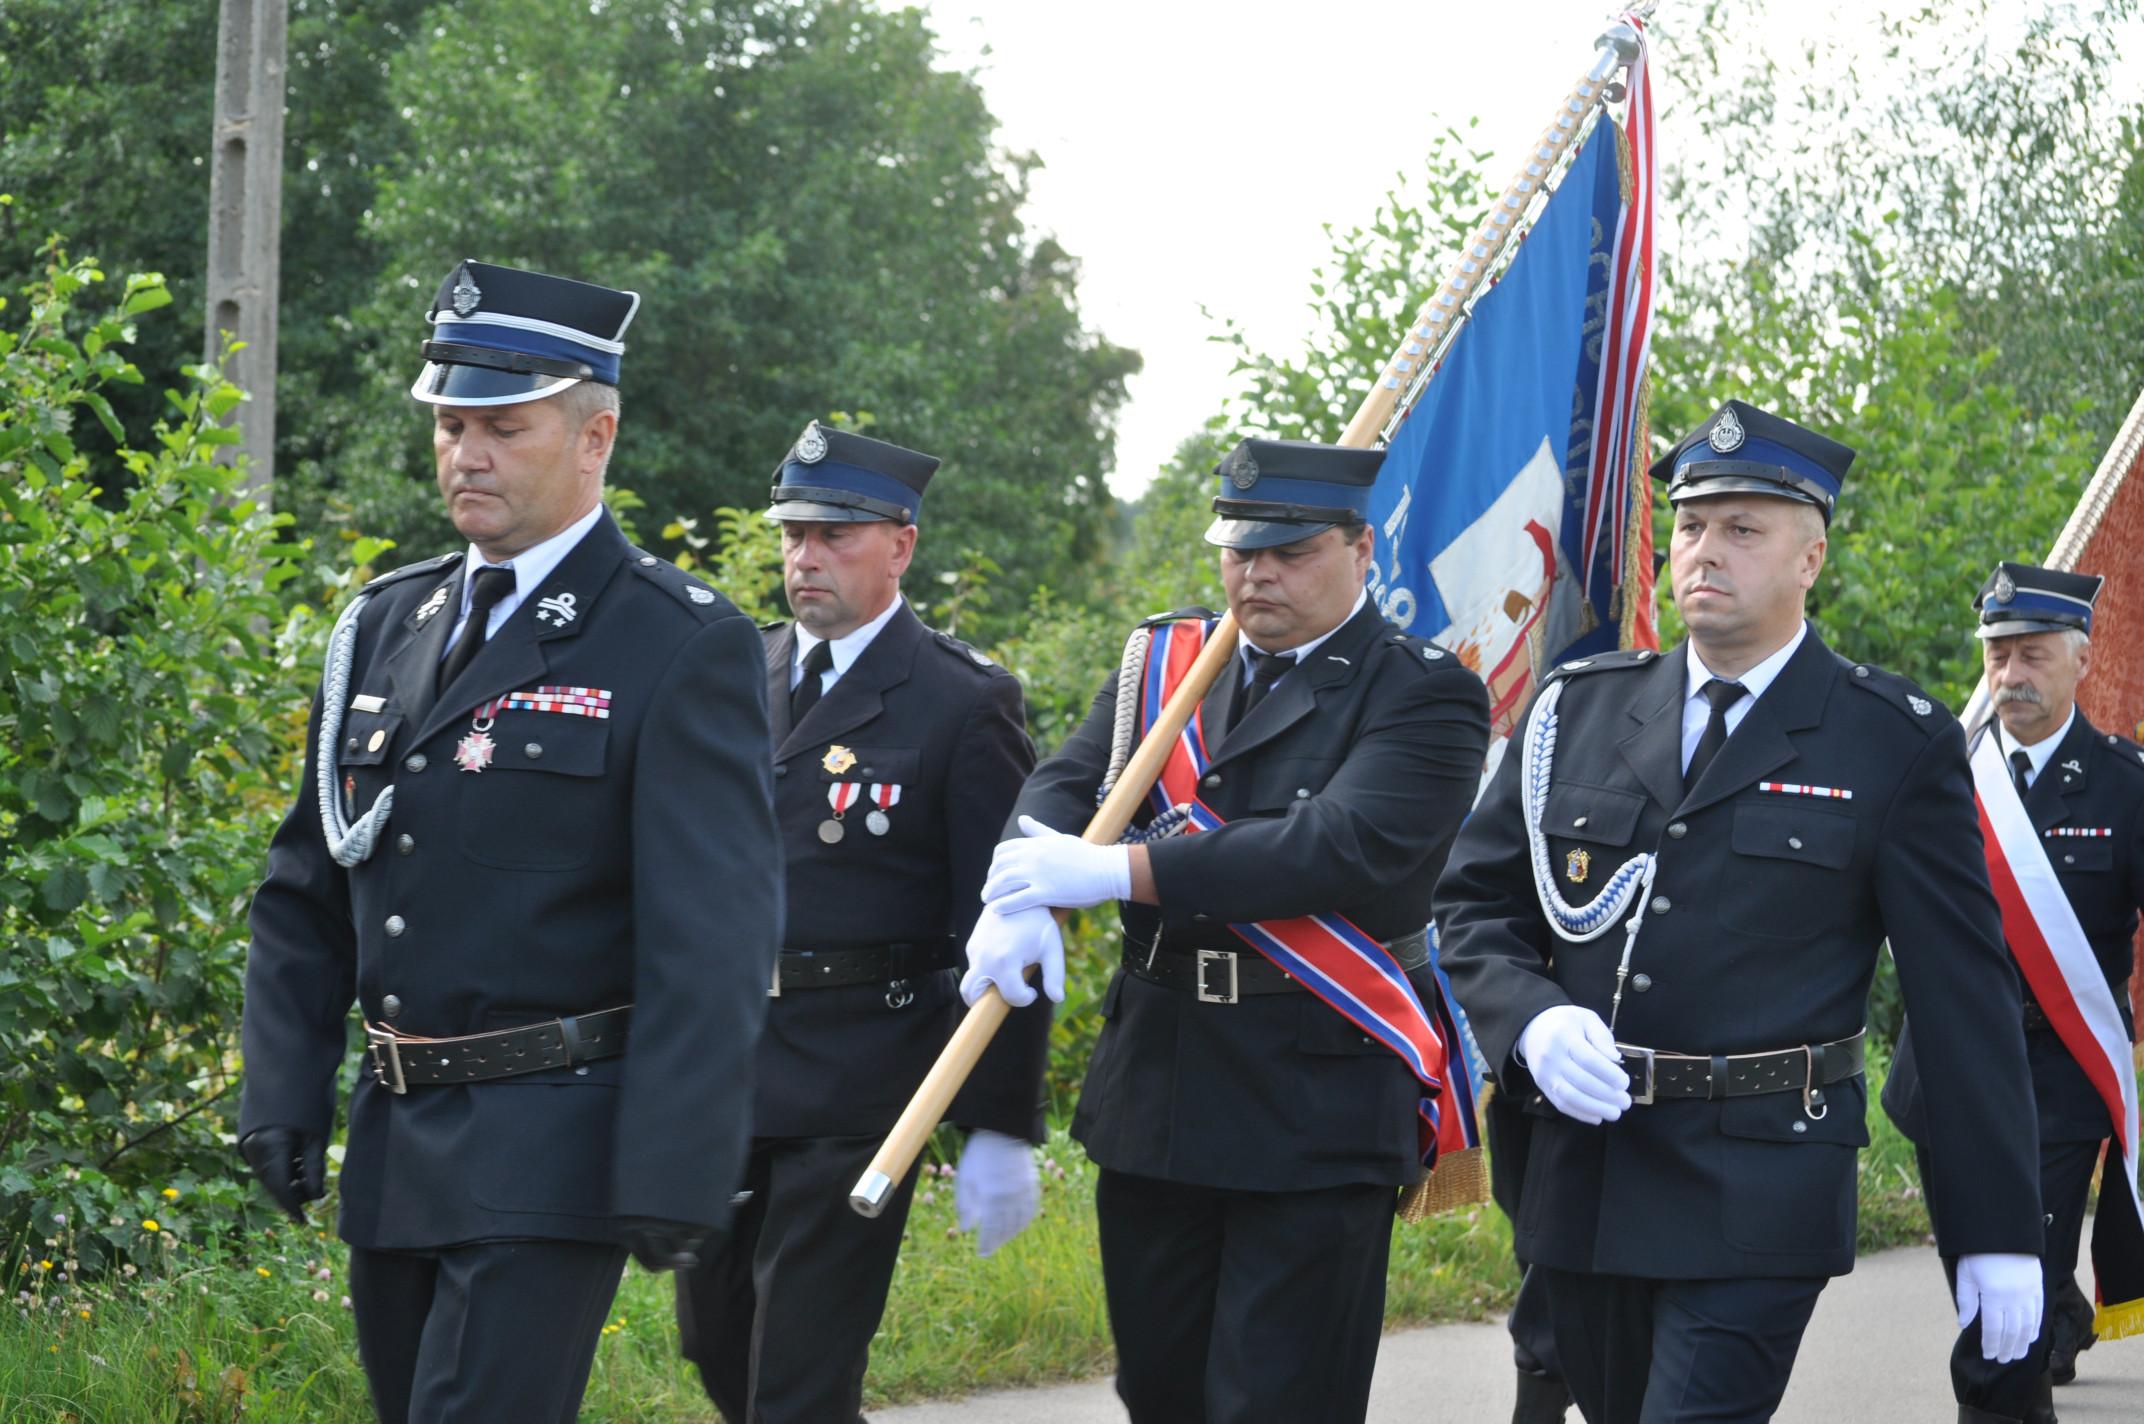 Gmina Cmolas. Jednostka OSP Ostrowy Baranowskie świętowała jubileusz [GALERIA ZDJĘĆ] - Zdjęcie główne